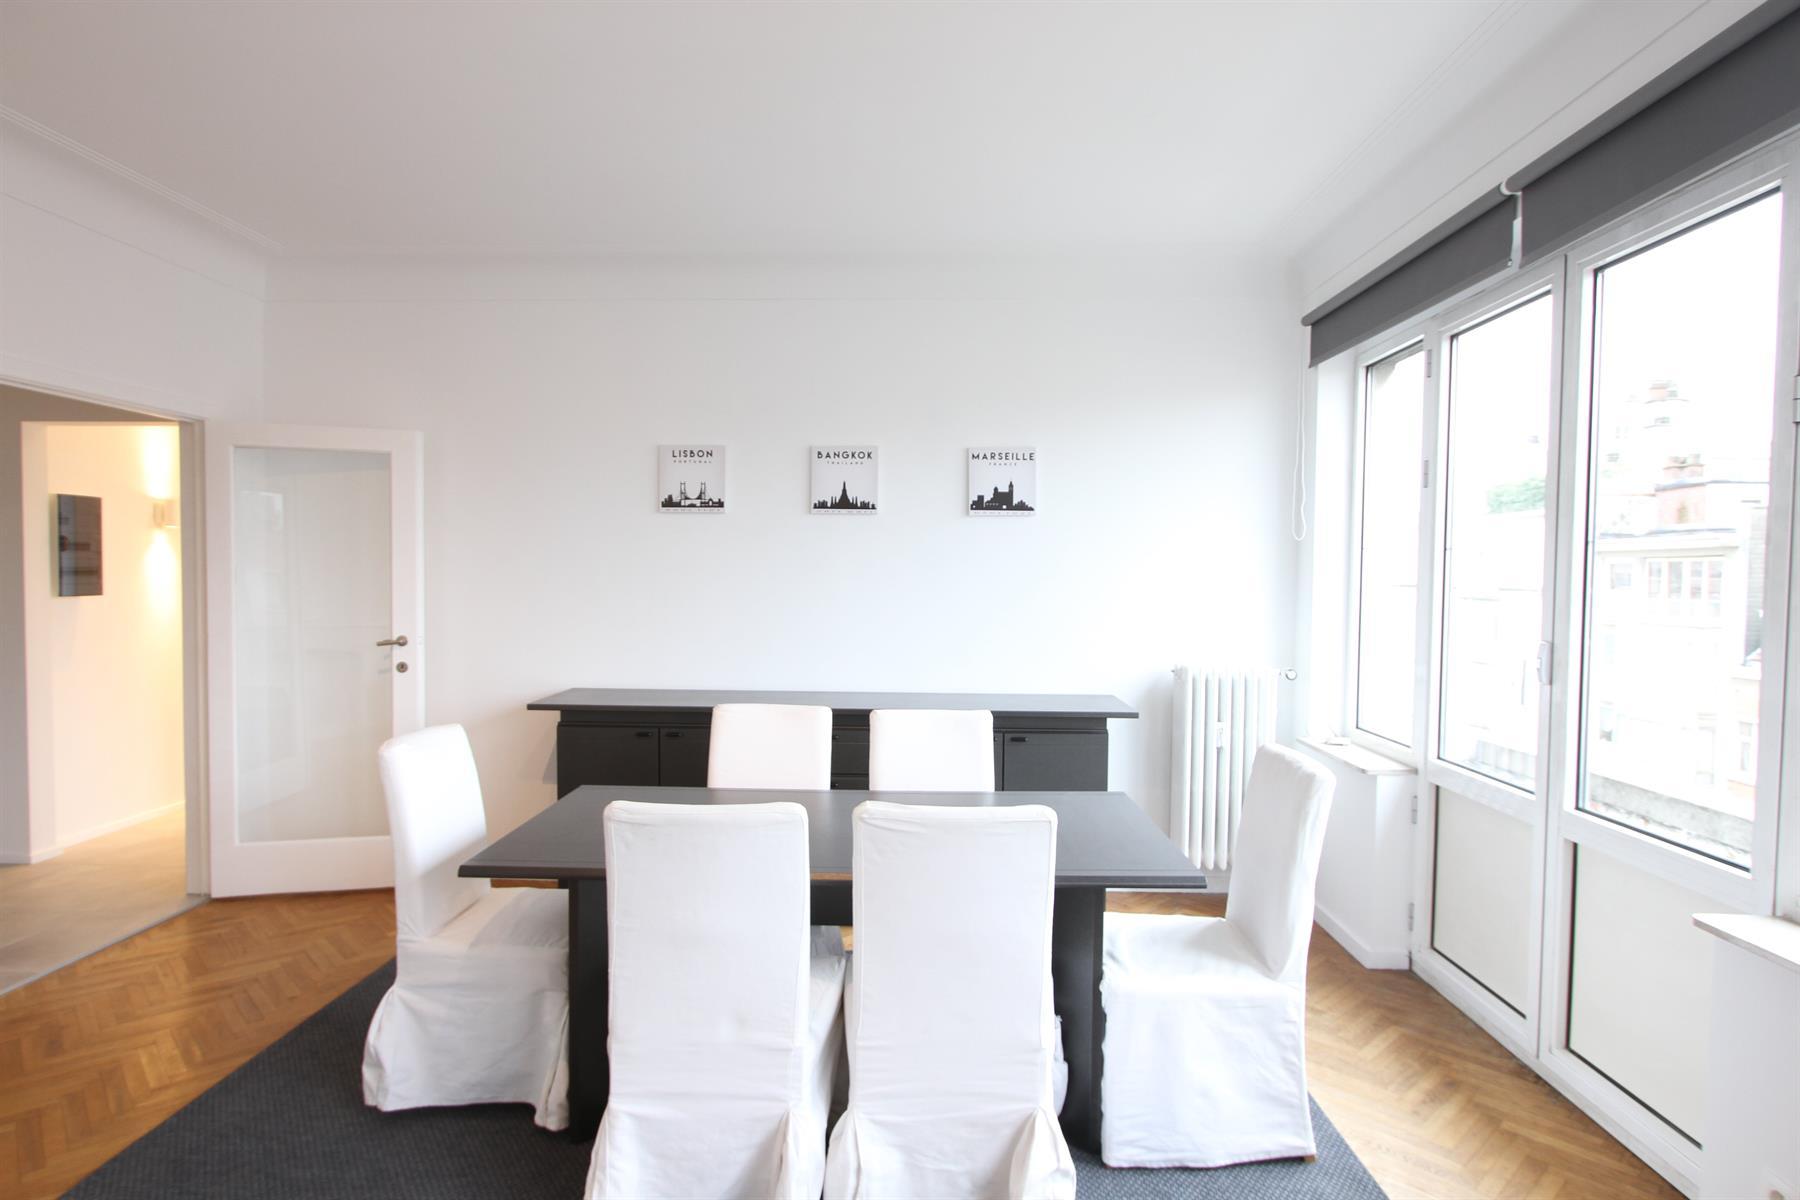 Flat - Ixelles - #3973978-2